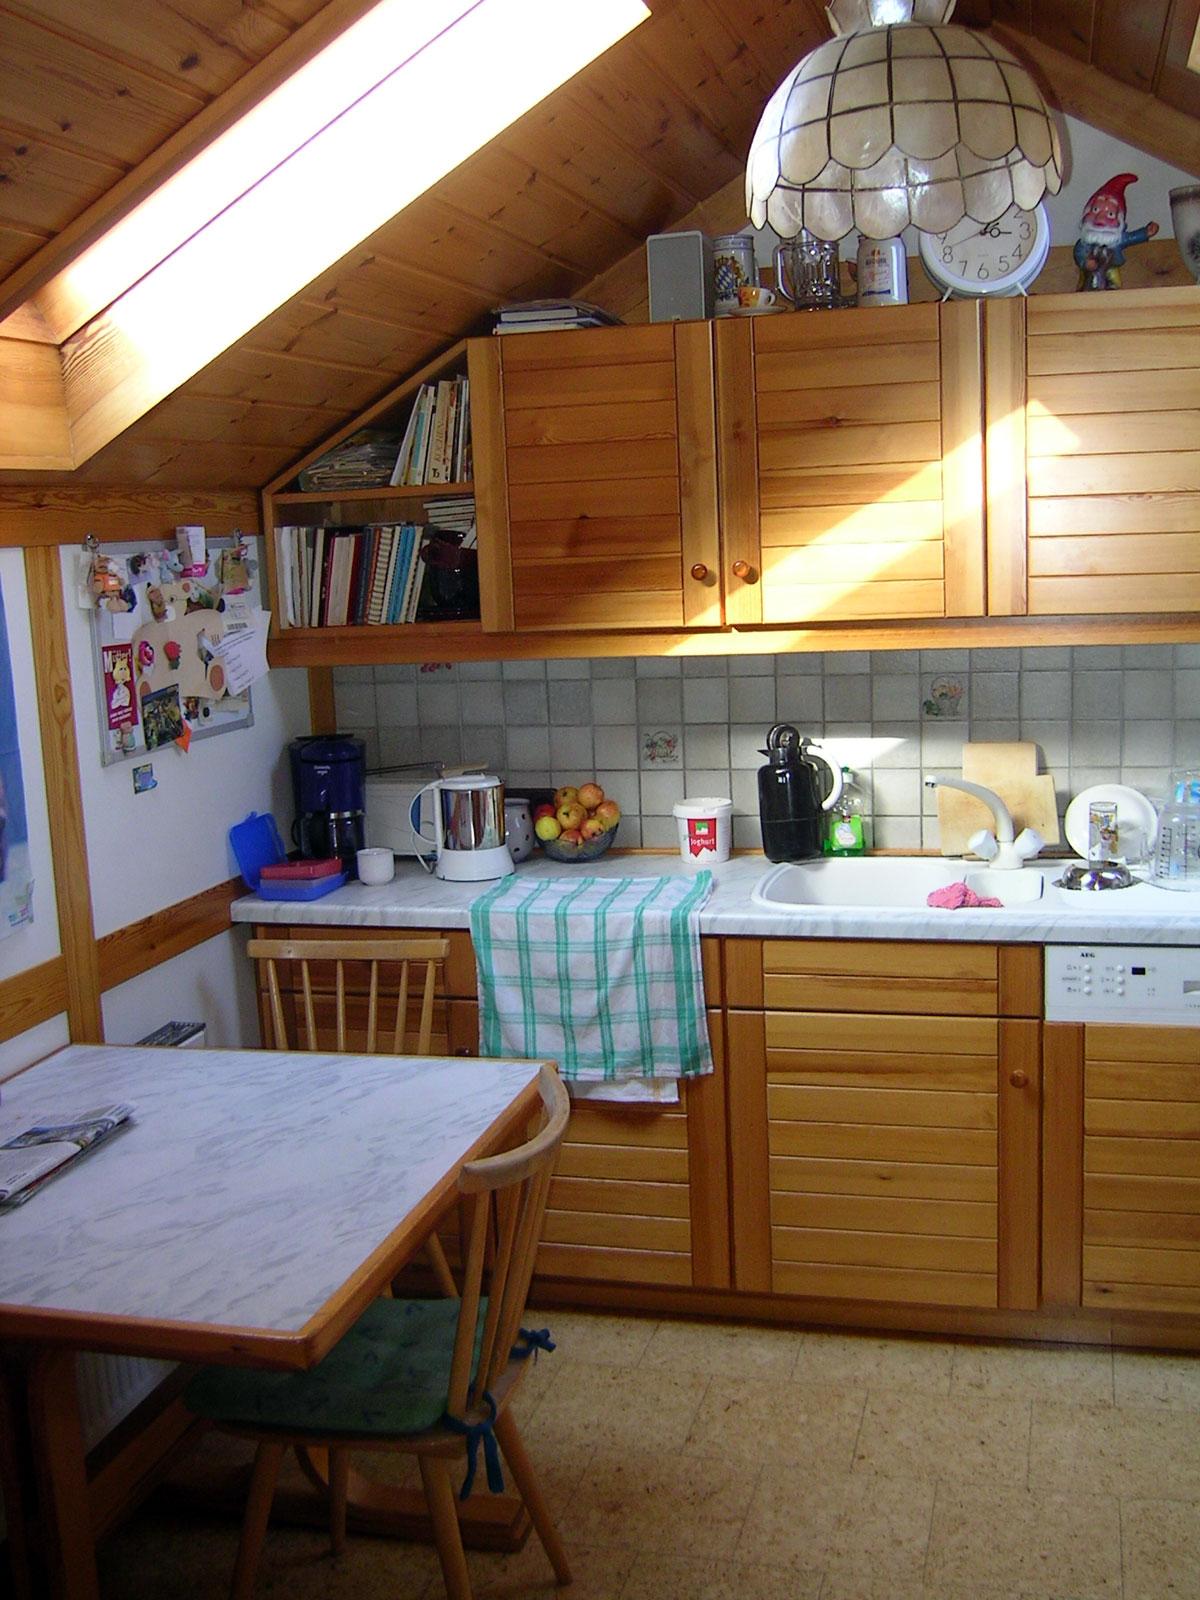 Küche in Dachgeschoss eingepasst, mit eleganter Front in massivem Kiefernholz